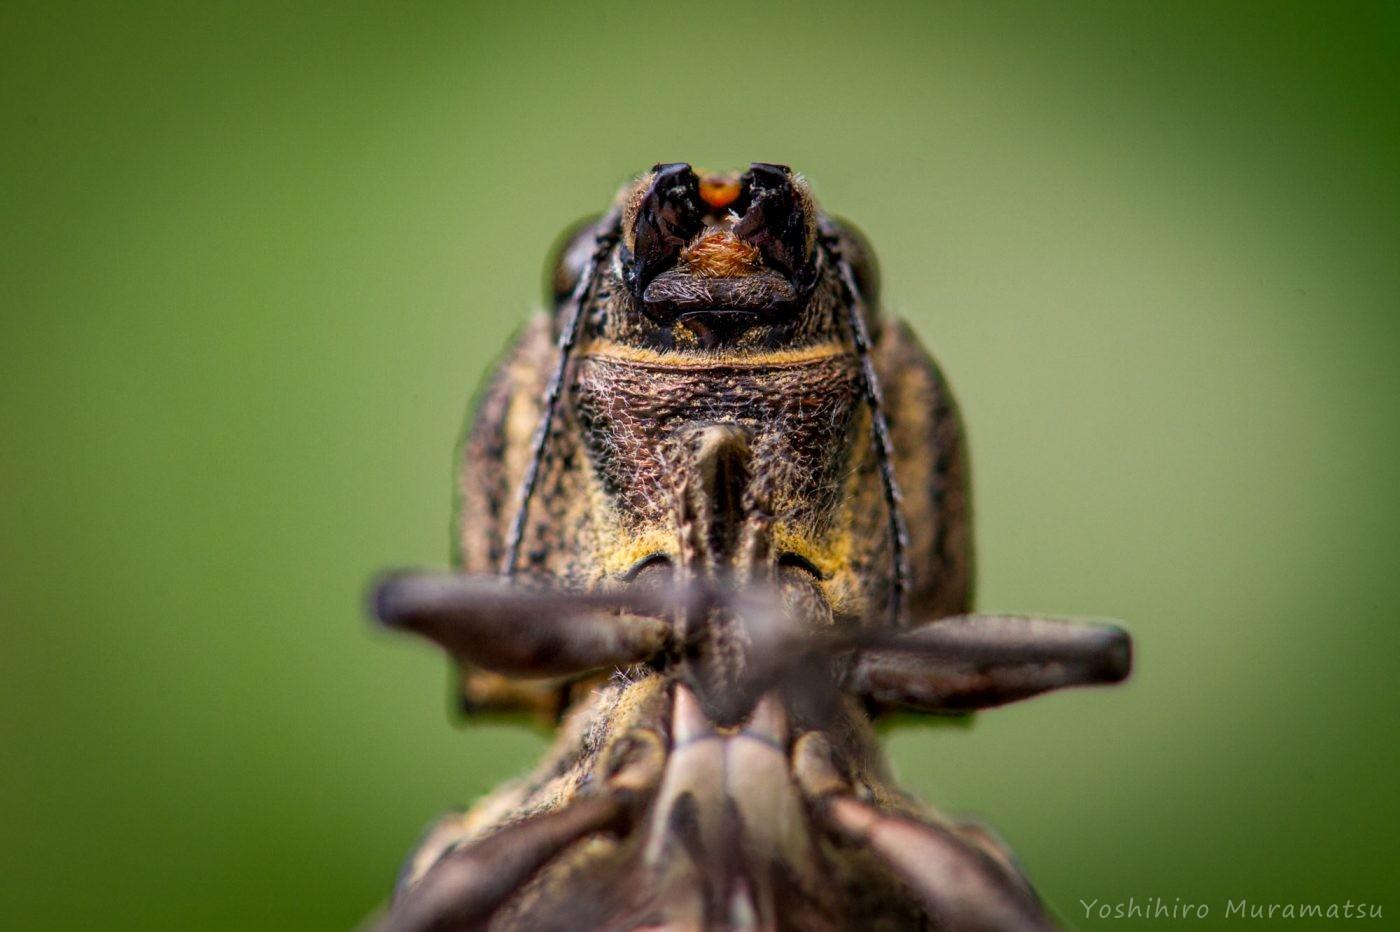 ウバタマムシの写真